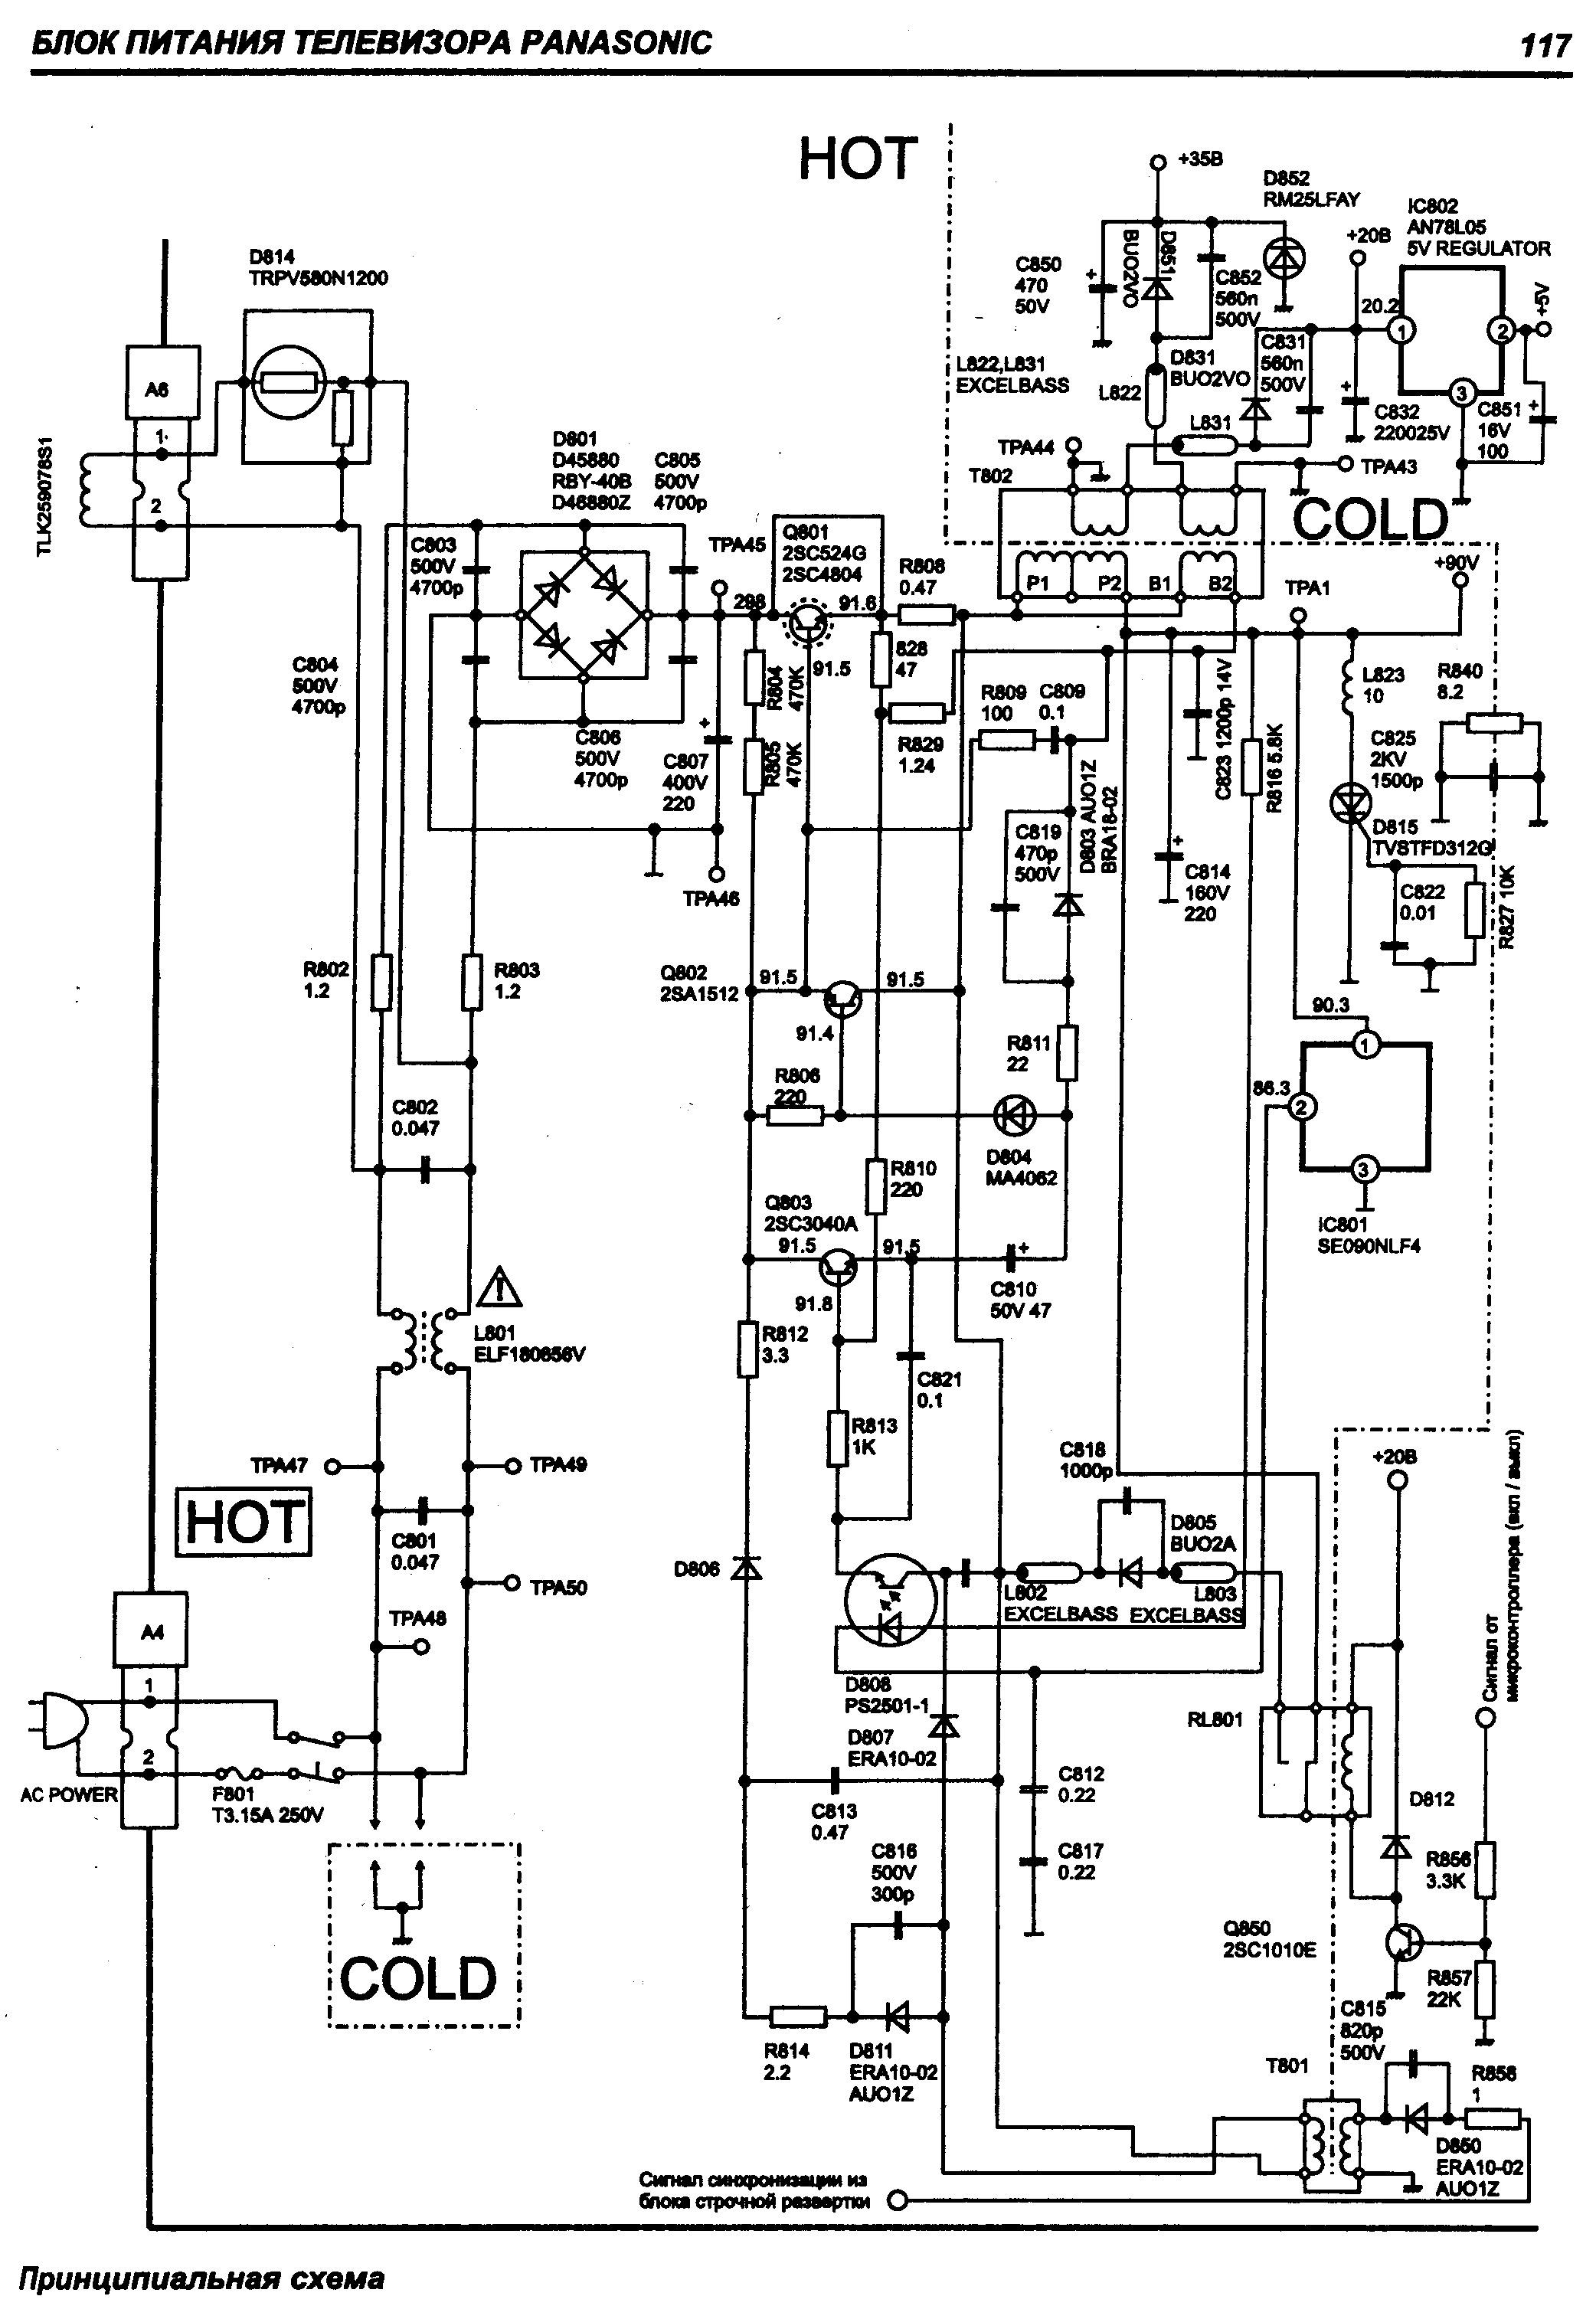 Panasonic ct21 panason4.gif Diagramas de Televisores Lcd y